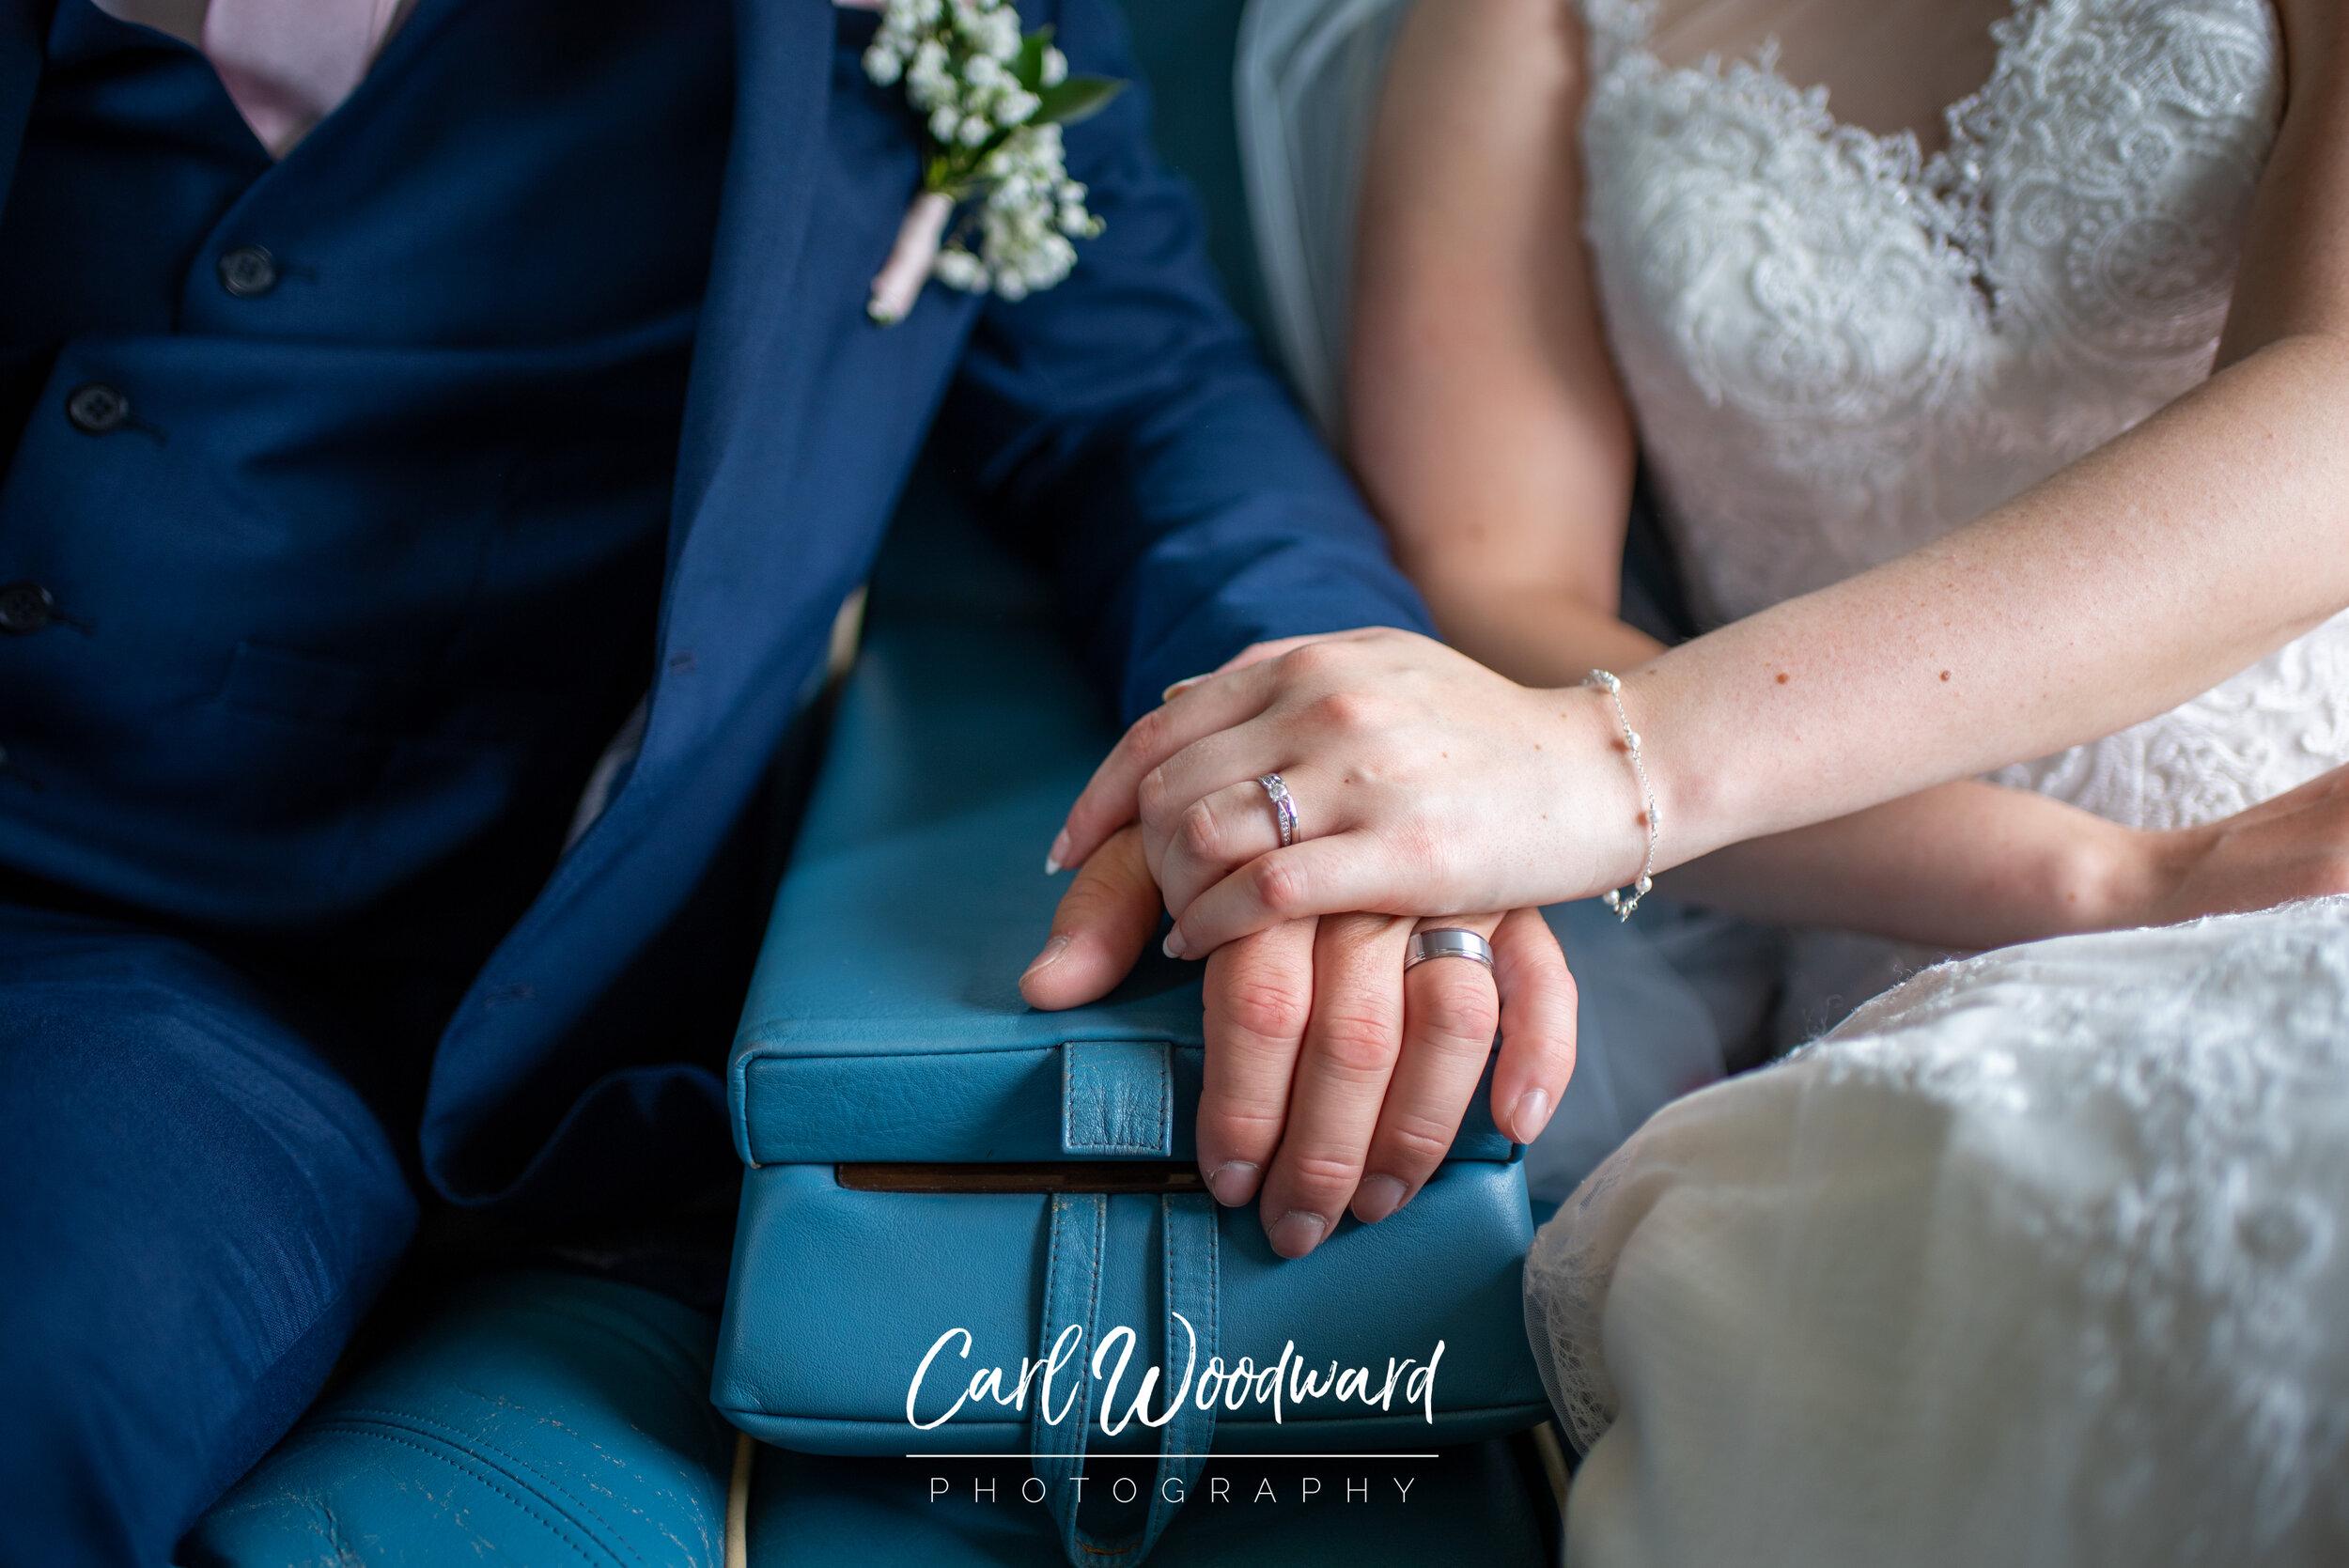 014-De-Courcesys-Manor-Weddings.jpg